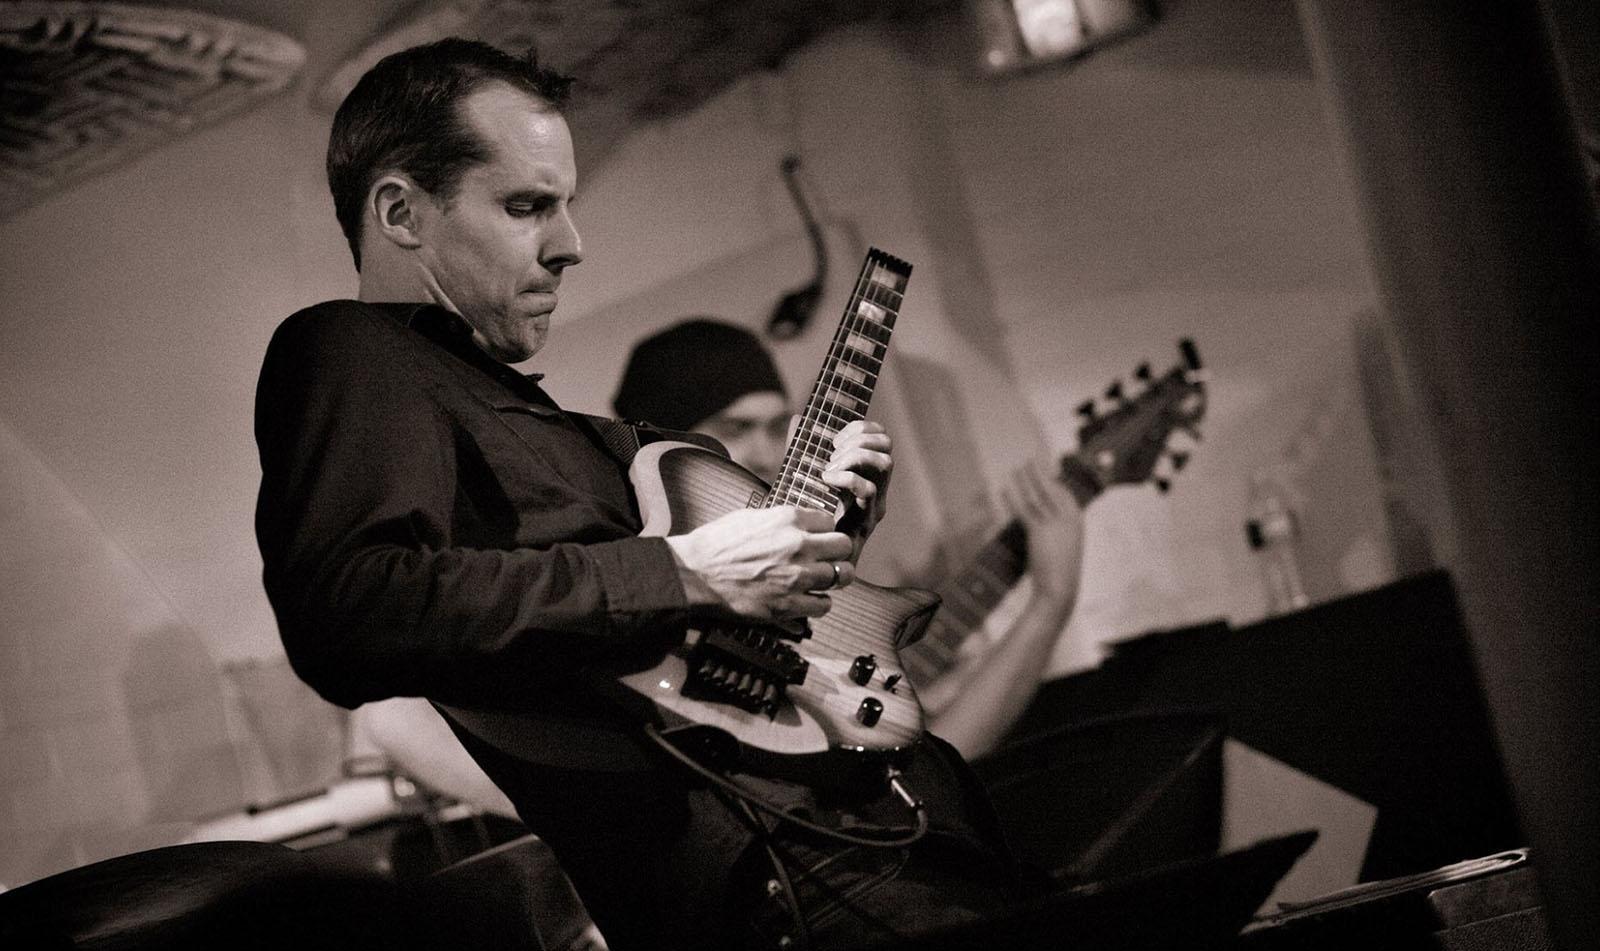 Tim Miller